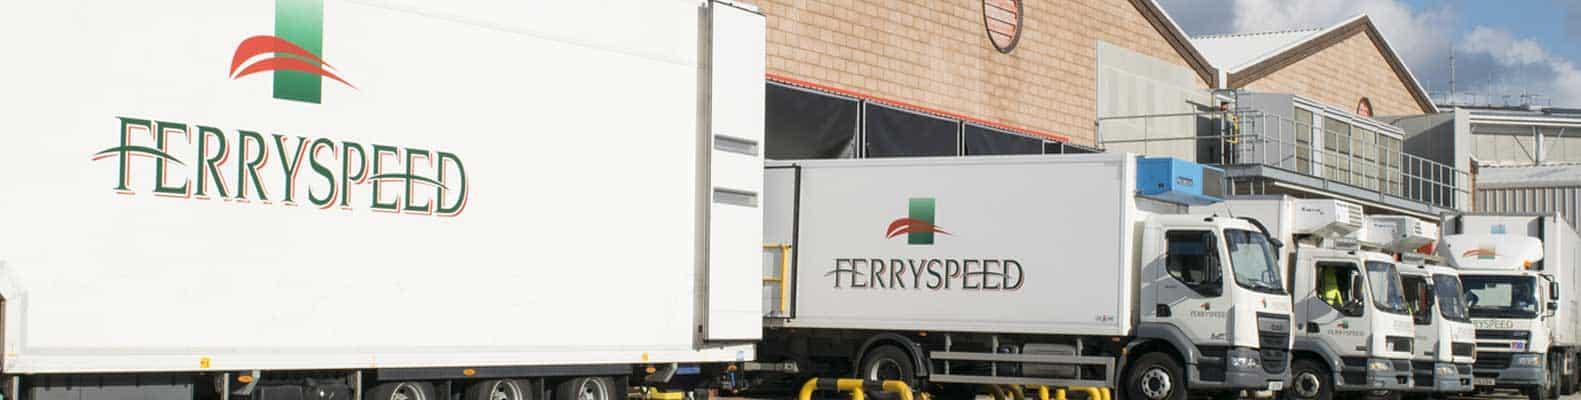 Jersey Freight Services - Ferryspeed trucks at Jersey depot